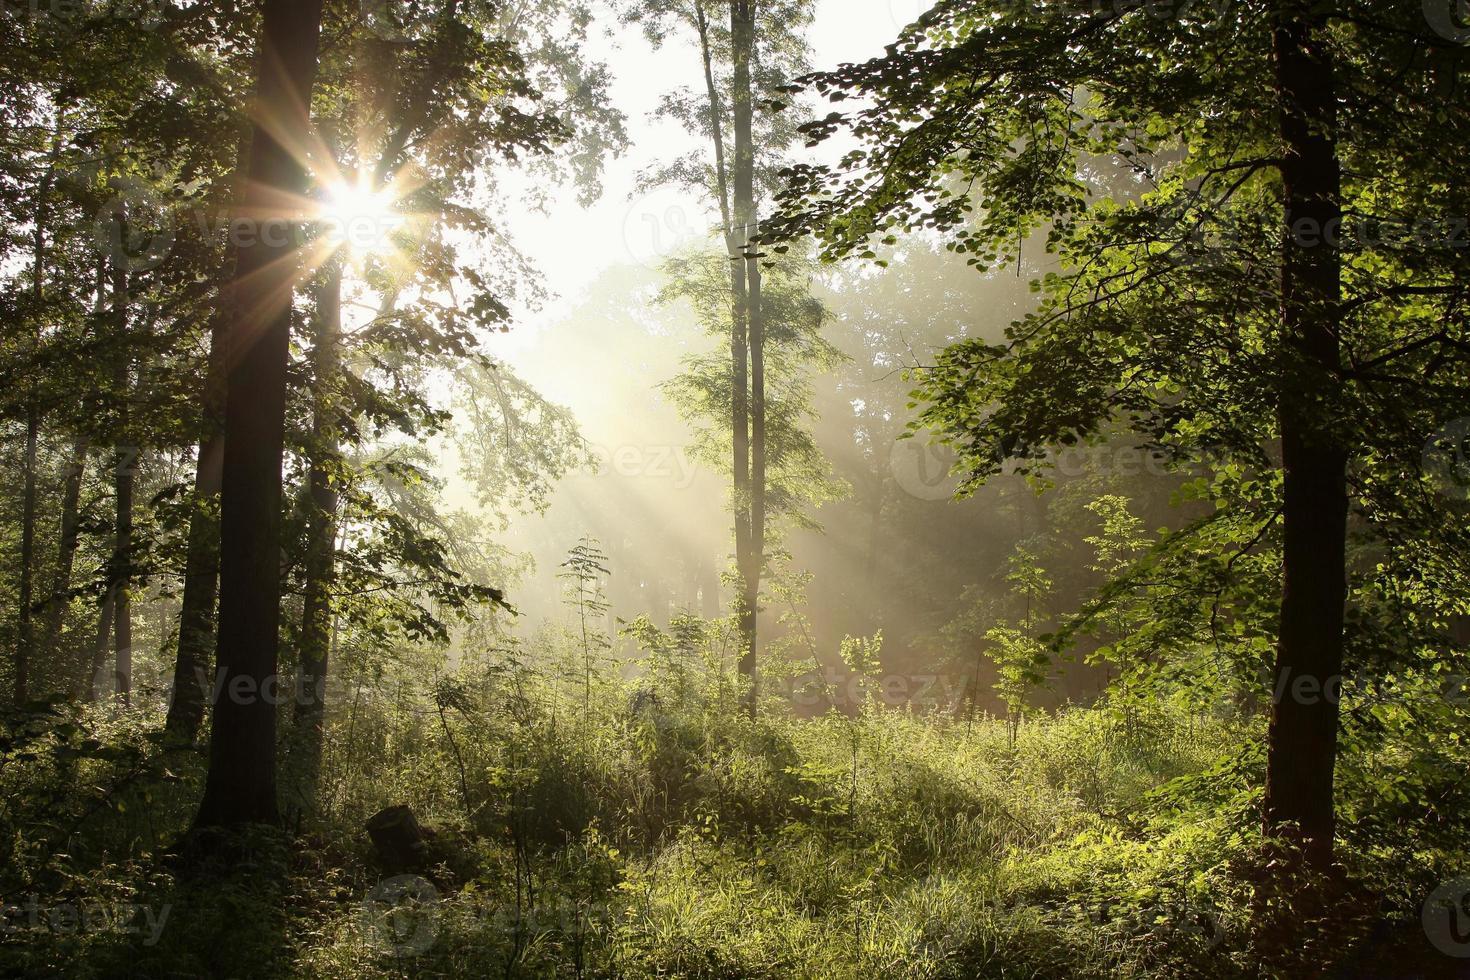 eine schöne Aussicht auf einen Frühlingswald im Morgengrauen foto